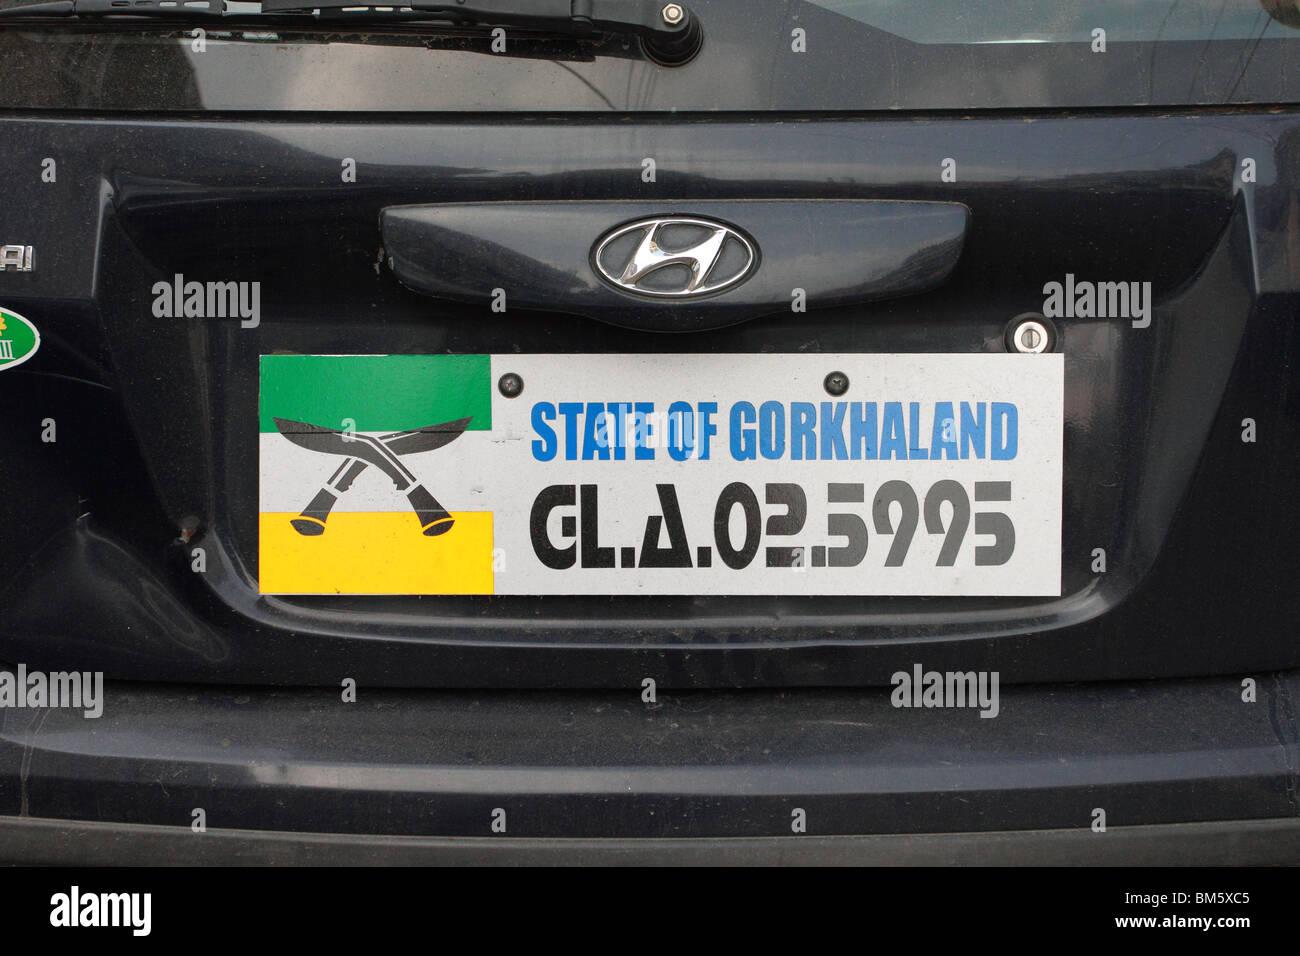 Gorkhaland car registration plate - Stock Image